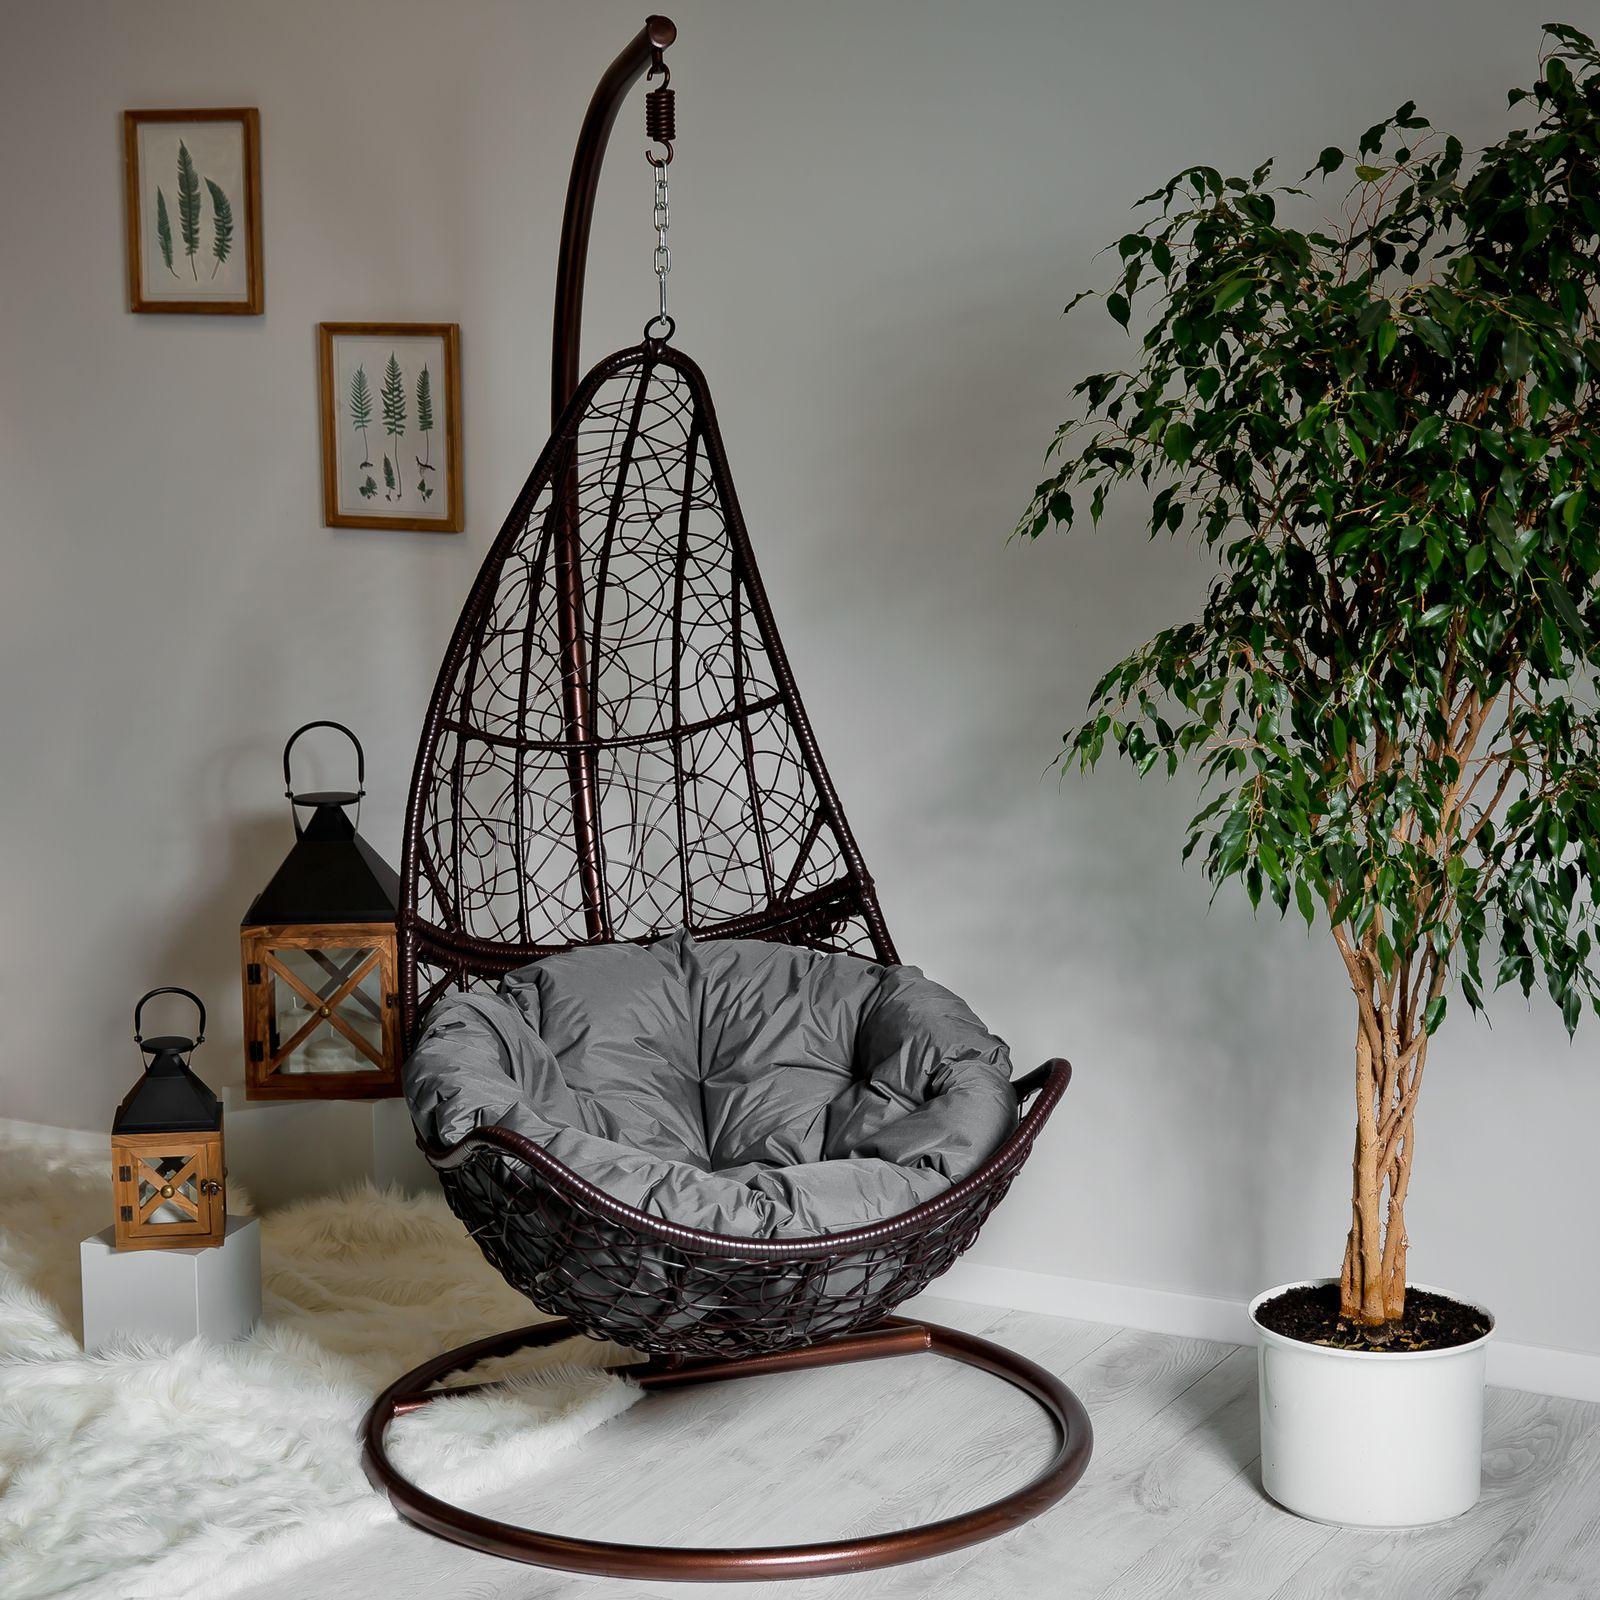 Cojín redondo para silla colgante D031-26CW 100 x 100 x 10/12 cm PATIO